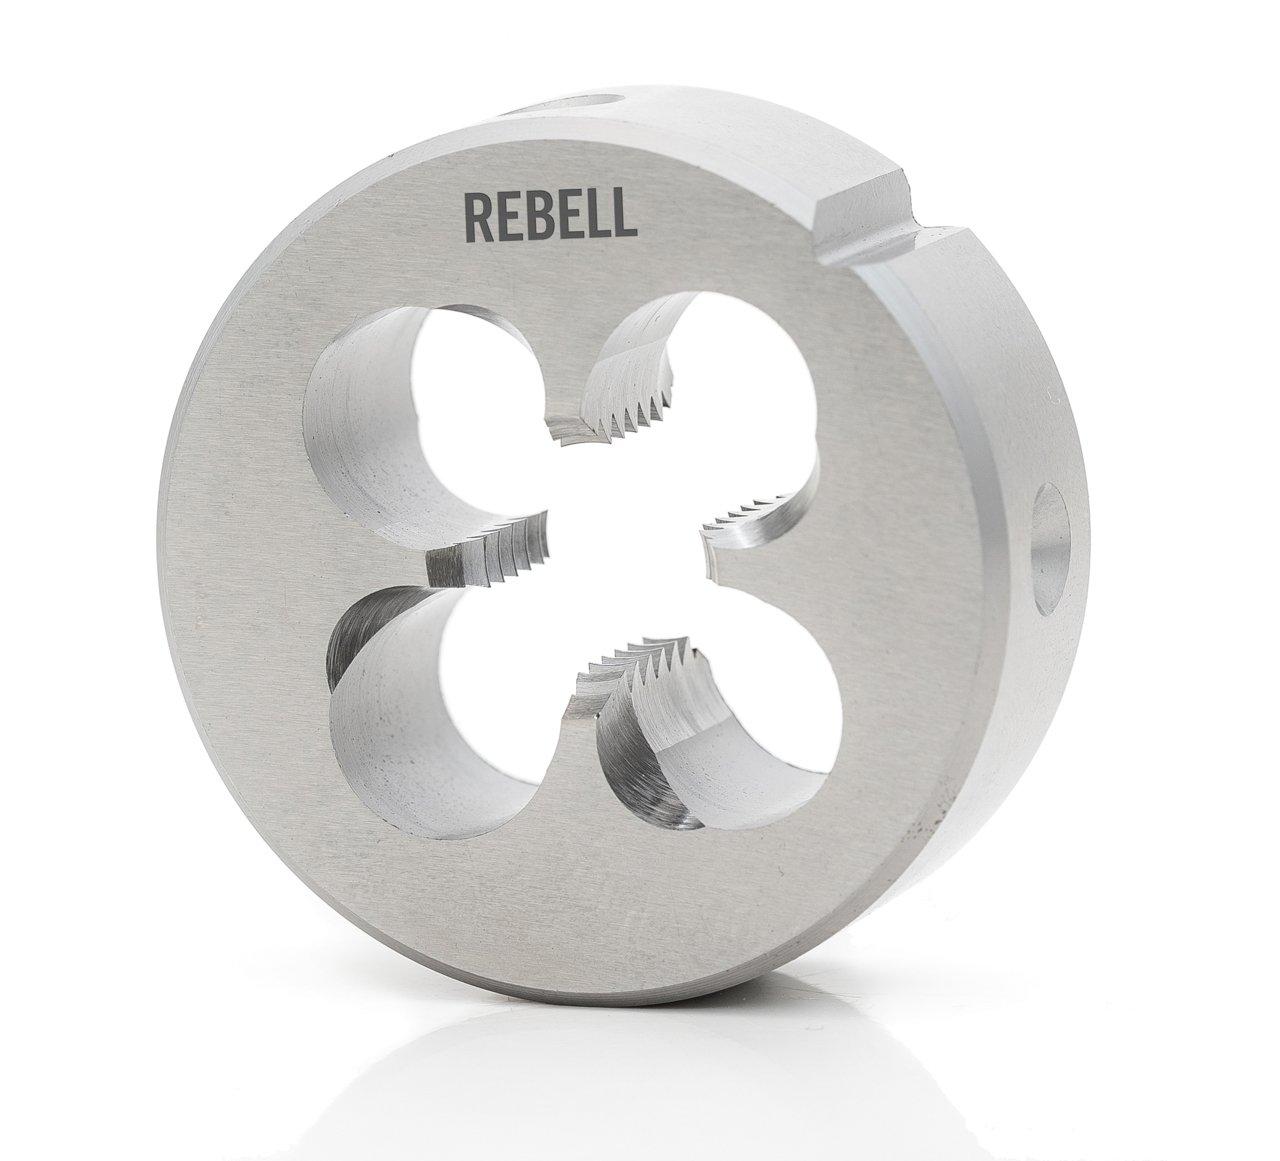 REBELL Schneideisen BSW RH medium HSS geläppt - EN 22568 - Typ N